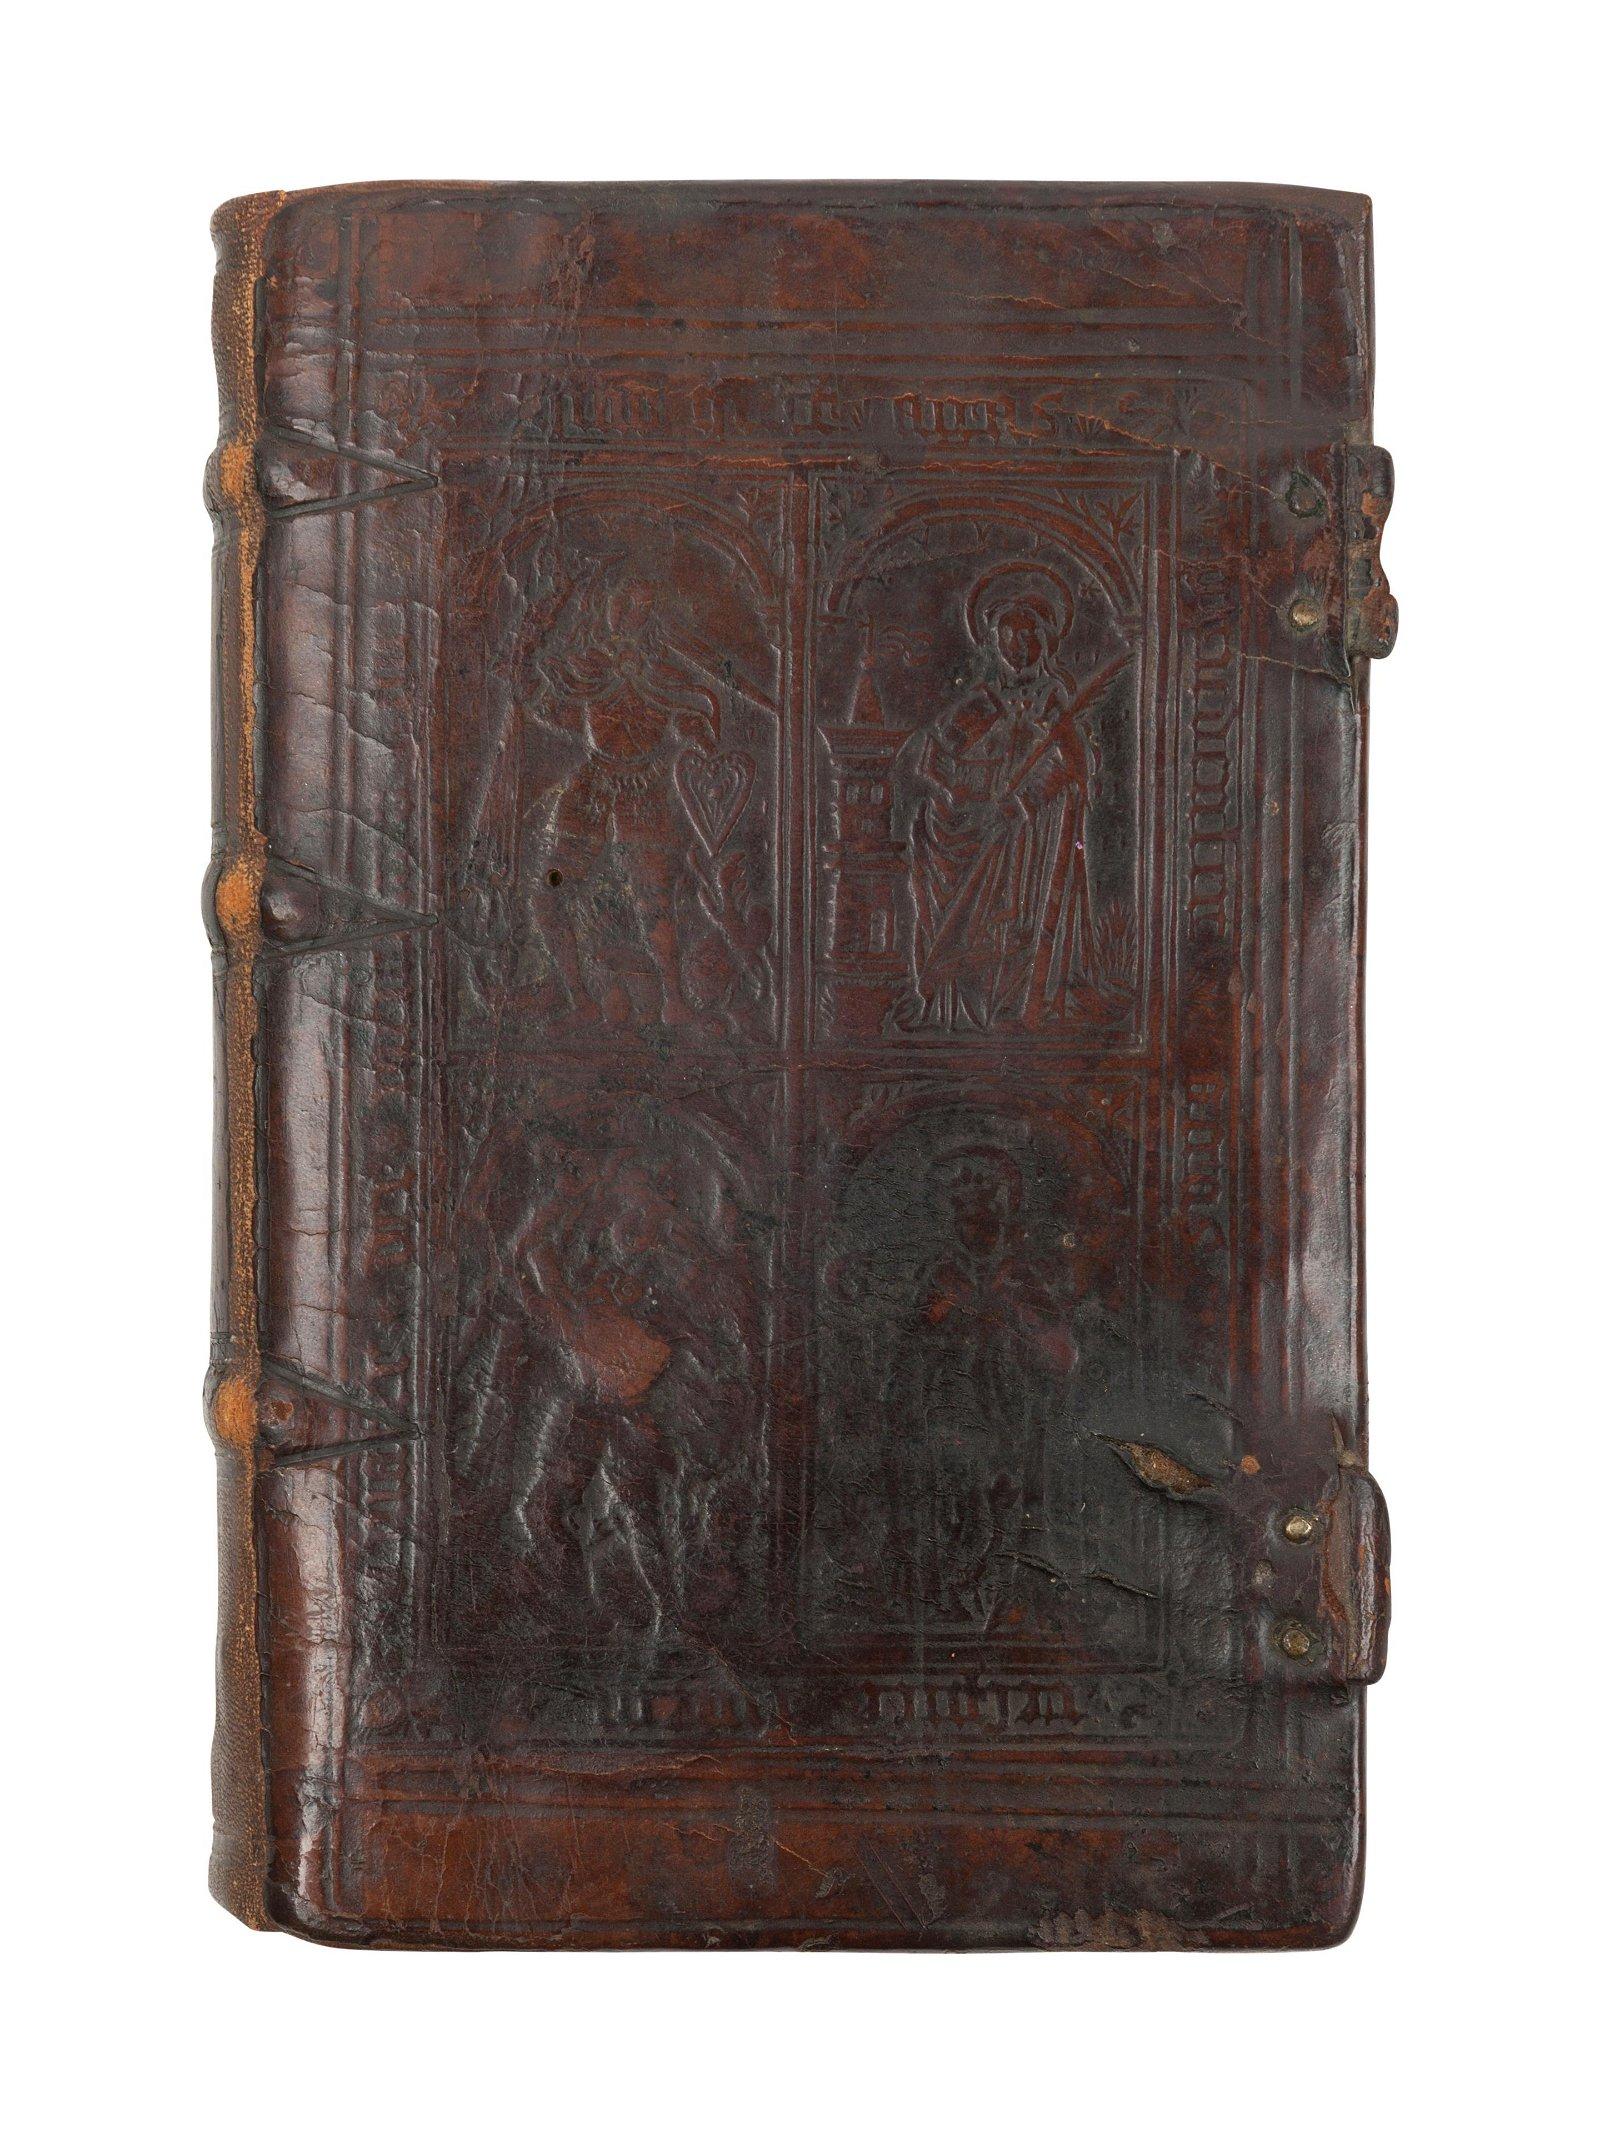 [BINDING - 16th CENTURY ENGLISH]. HOMER (?8th century